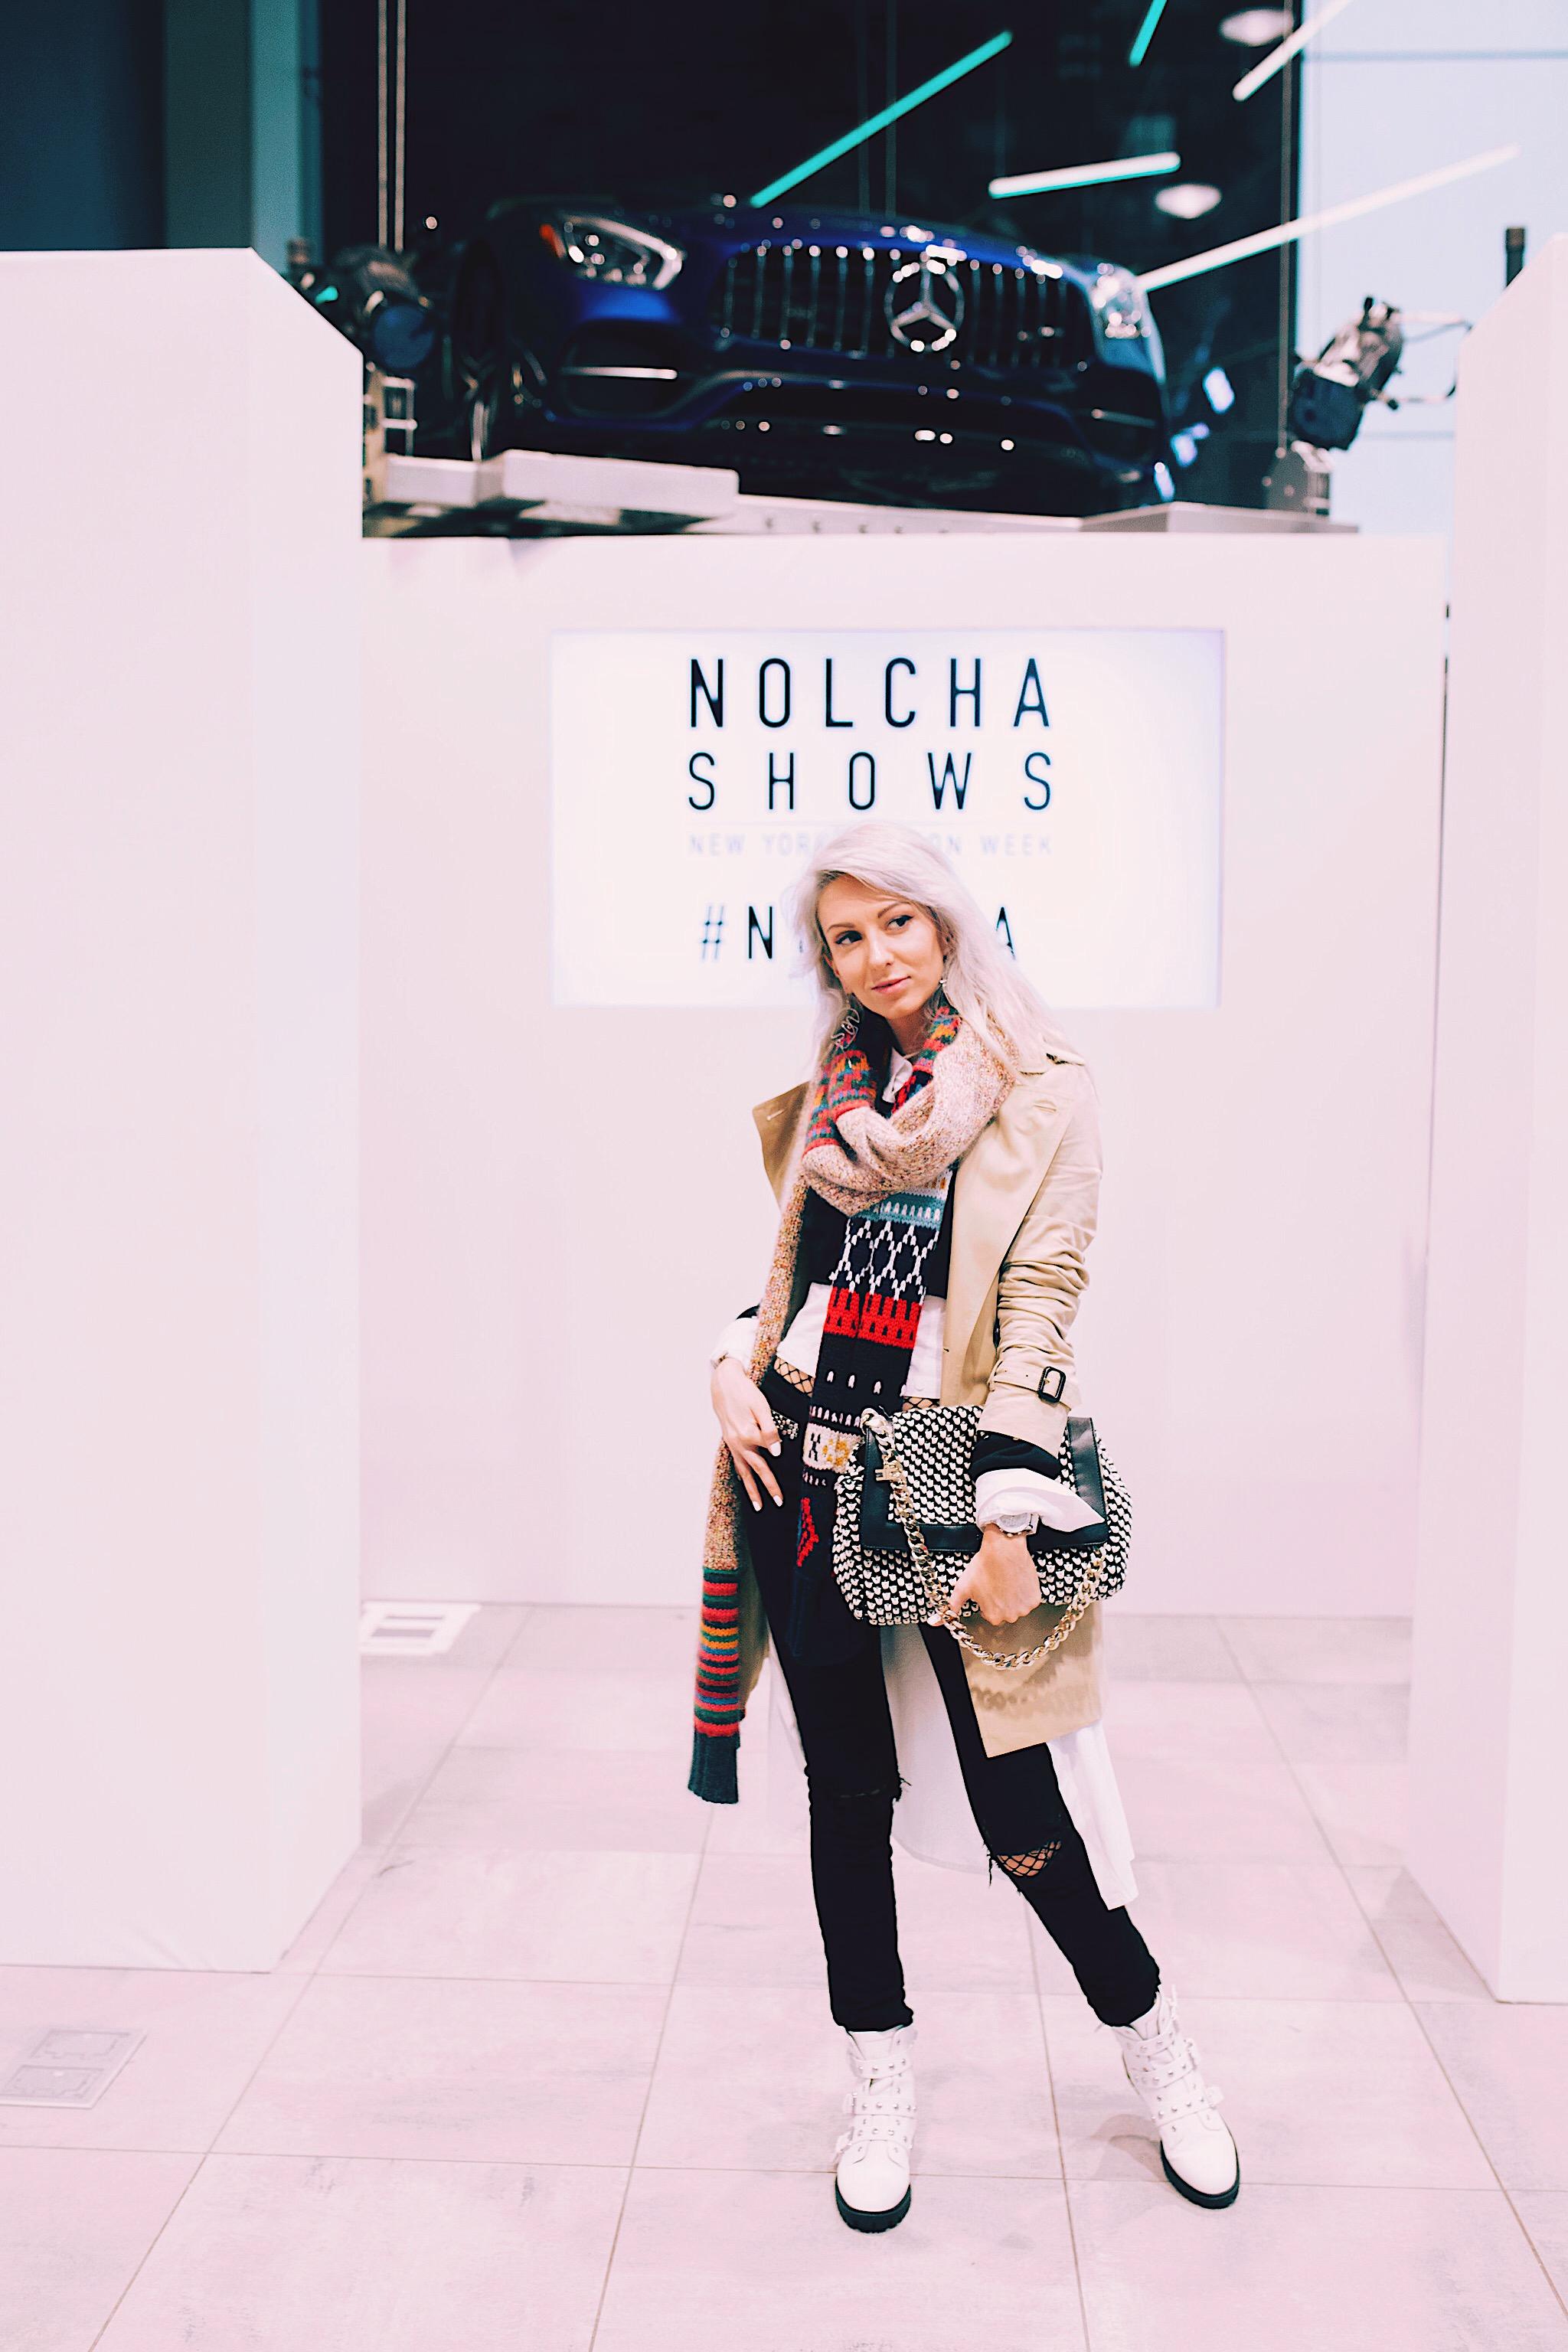 Nolcha Shows Klangwelt